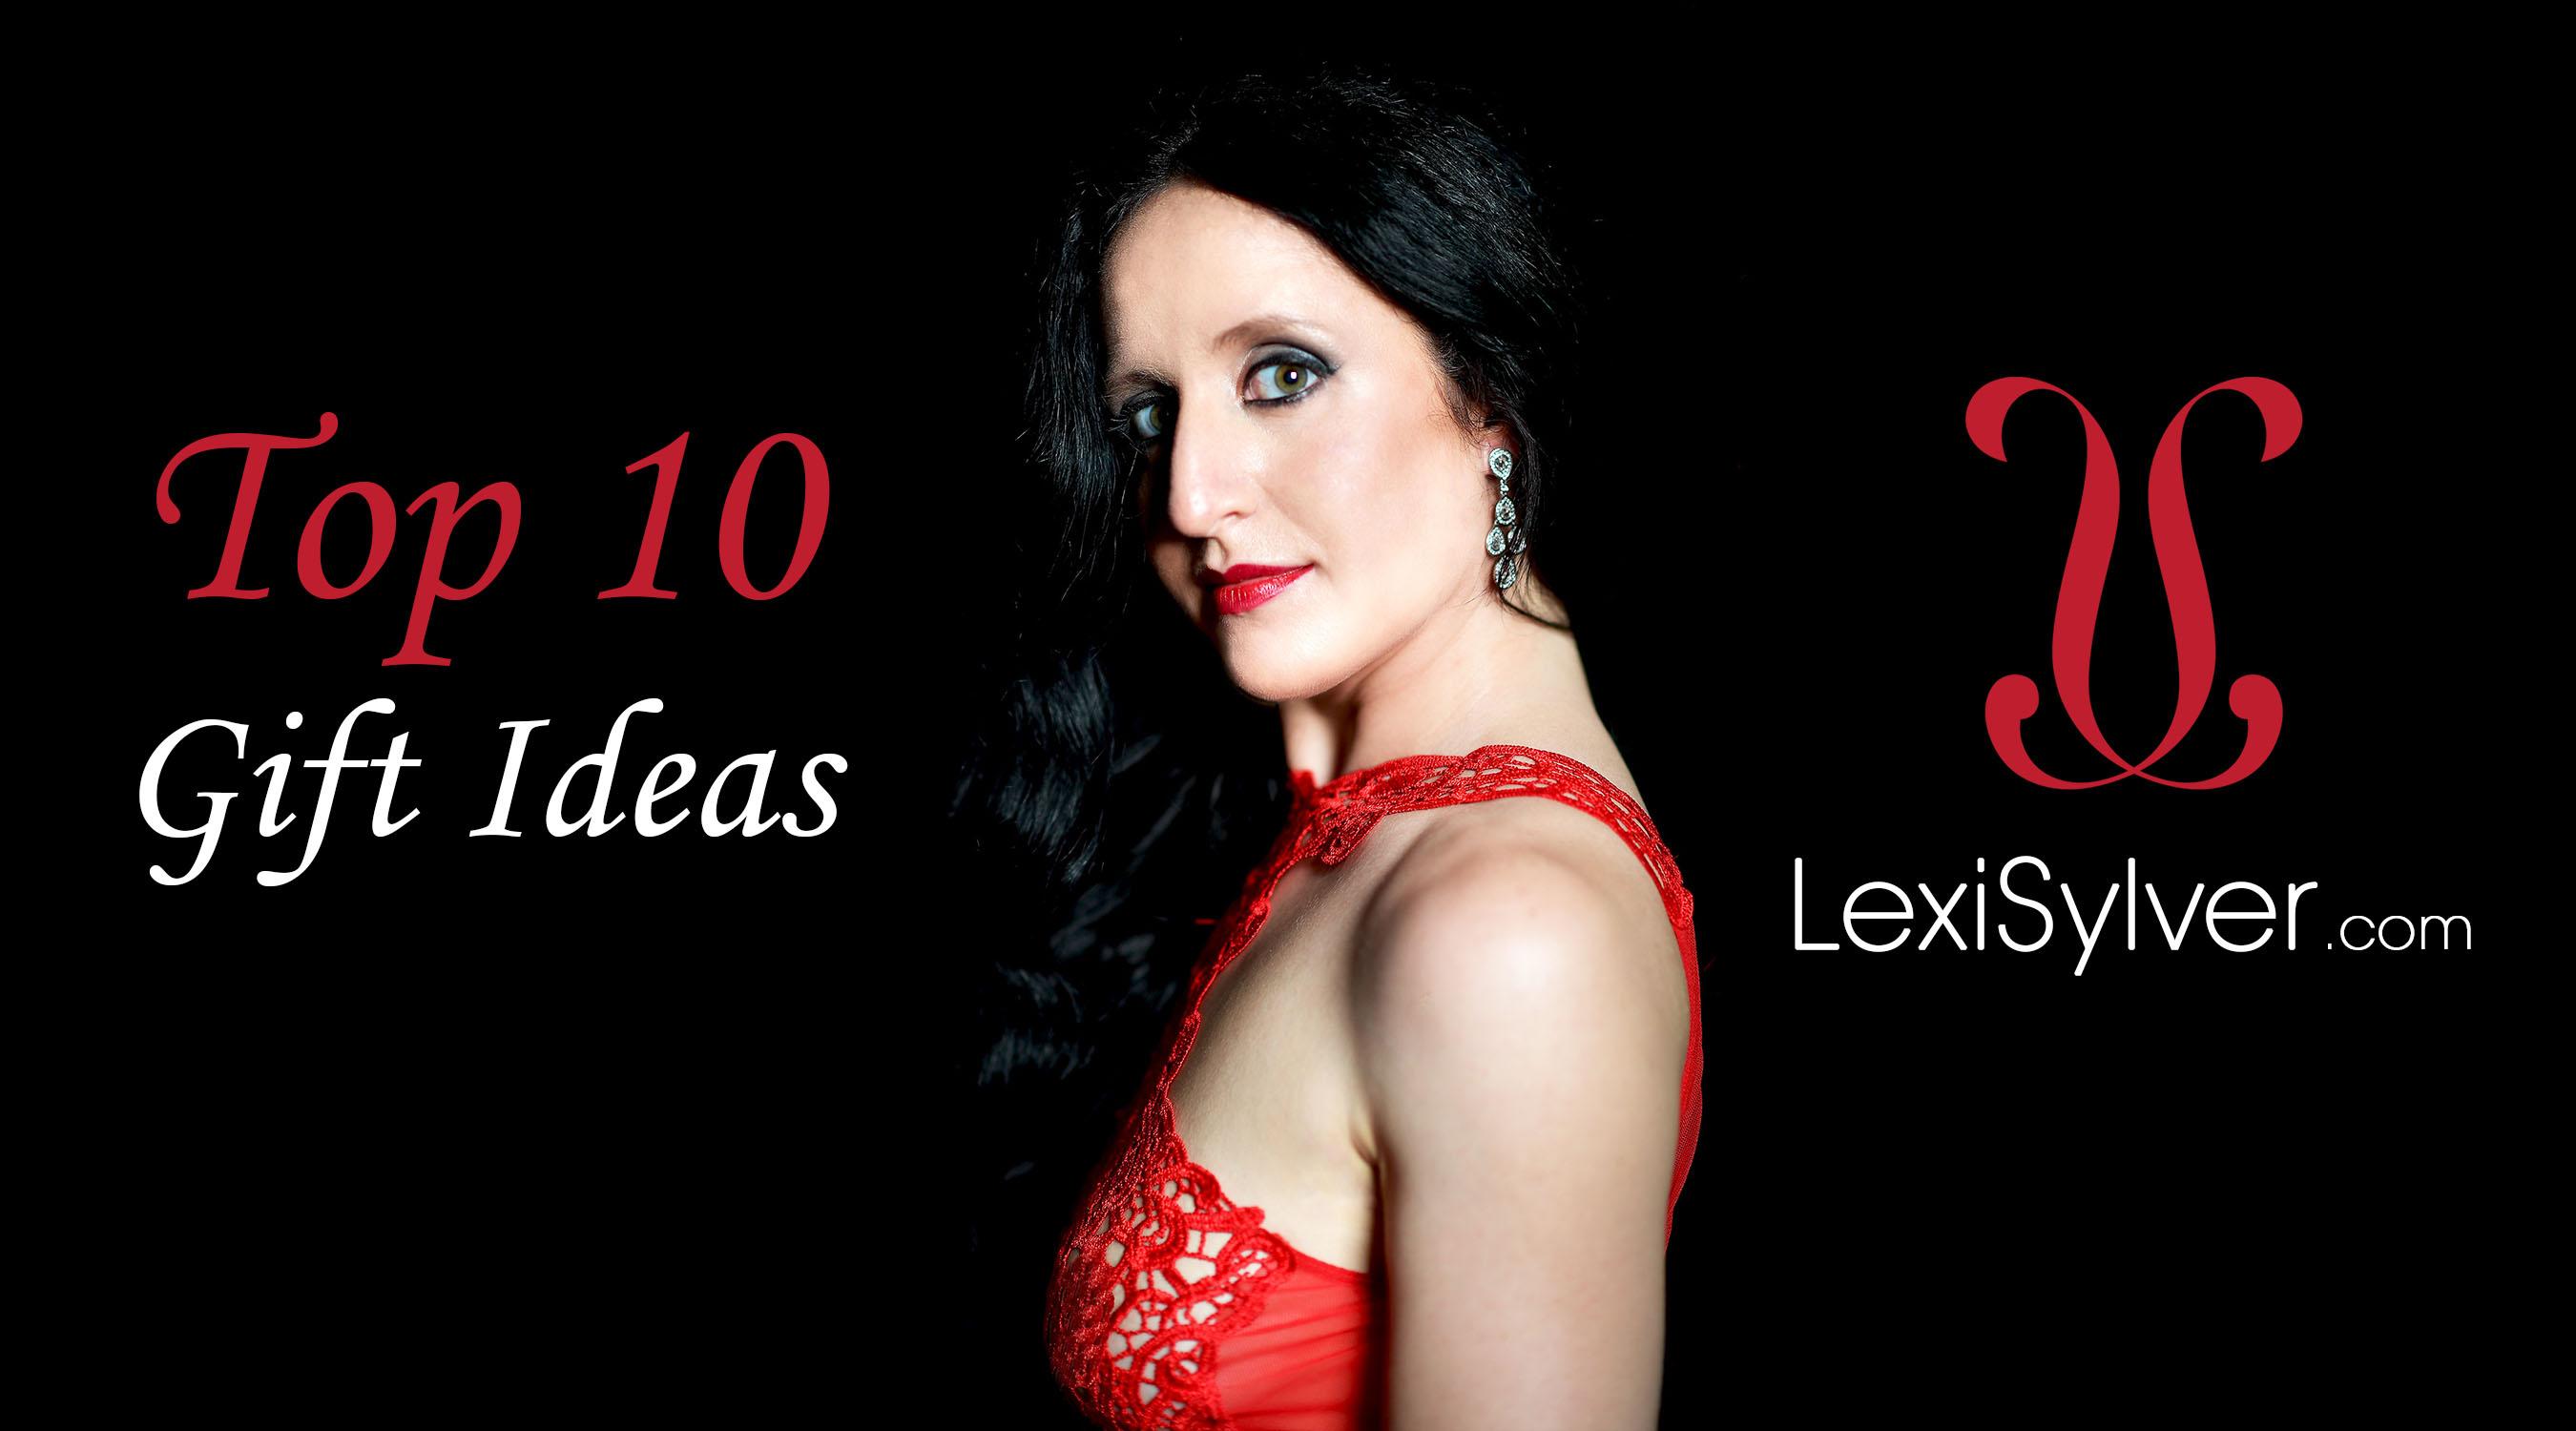 Top 10 Kinky Holiday Gift Ideas | Lexi Sylver